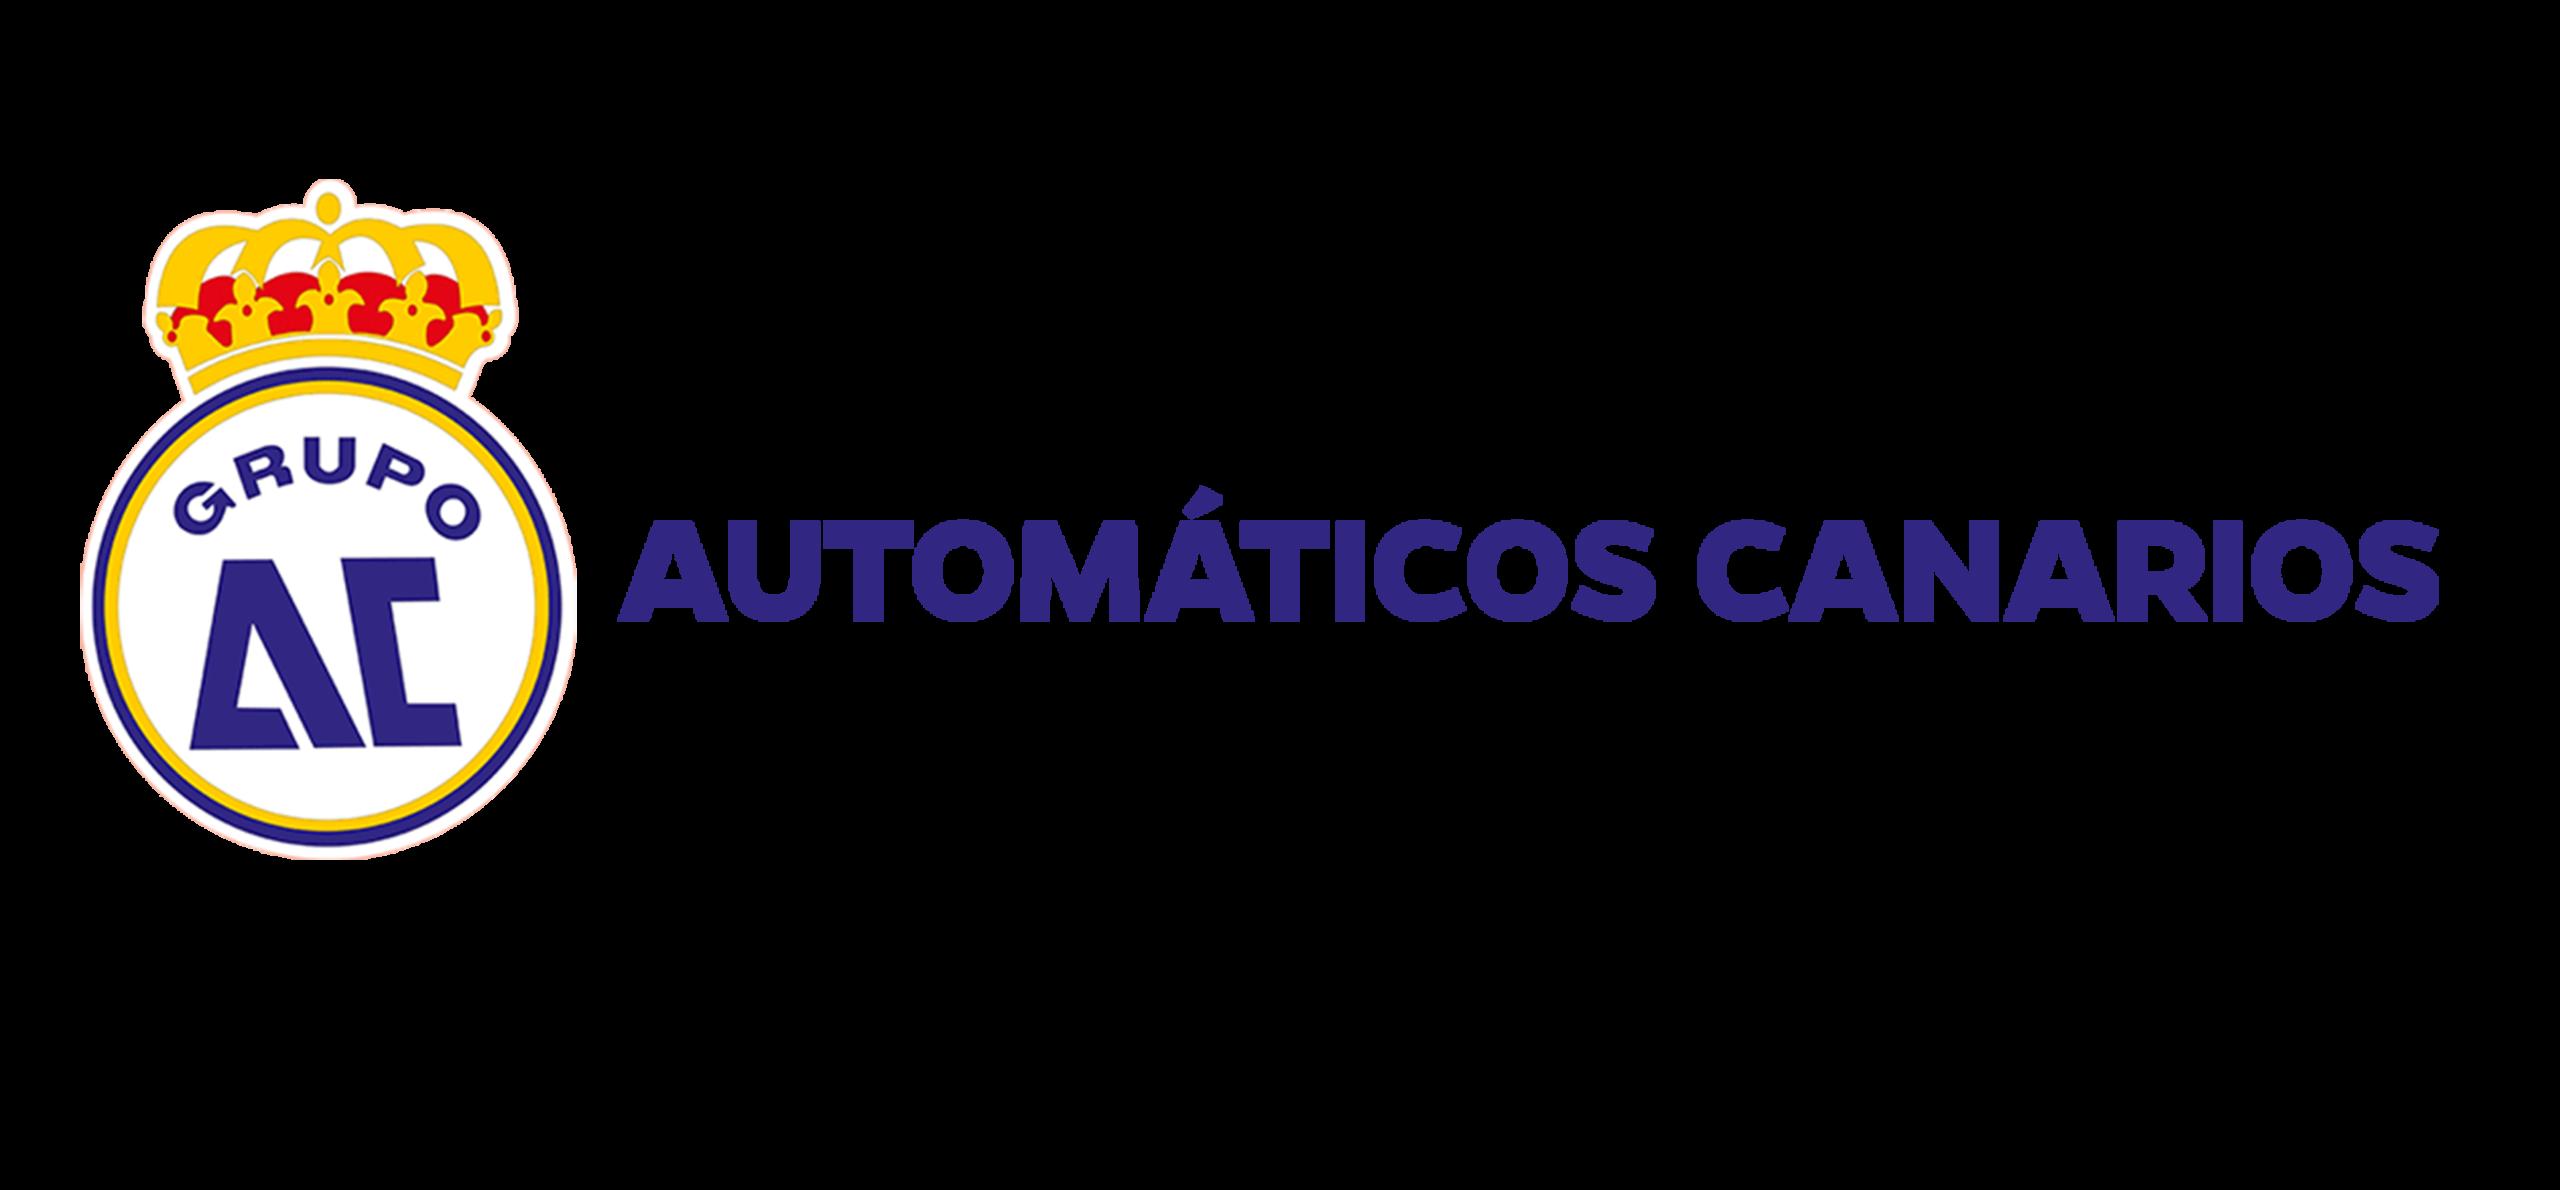 Automaticos Canarios - Portfolio